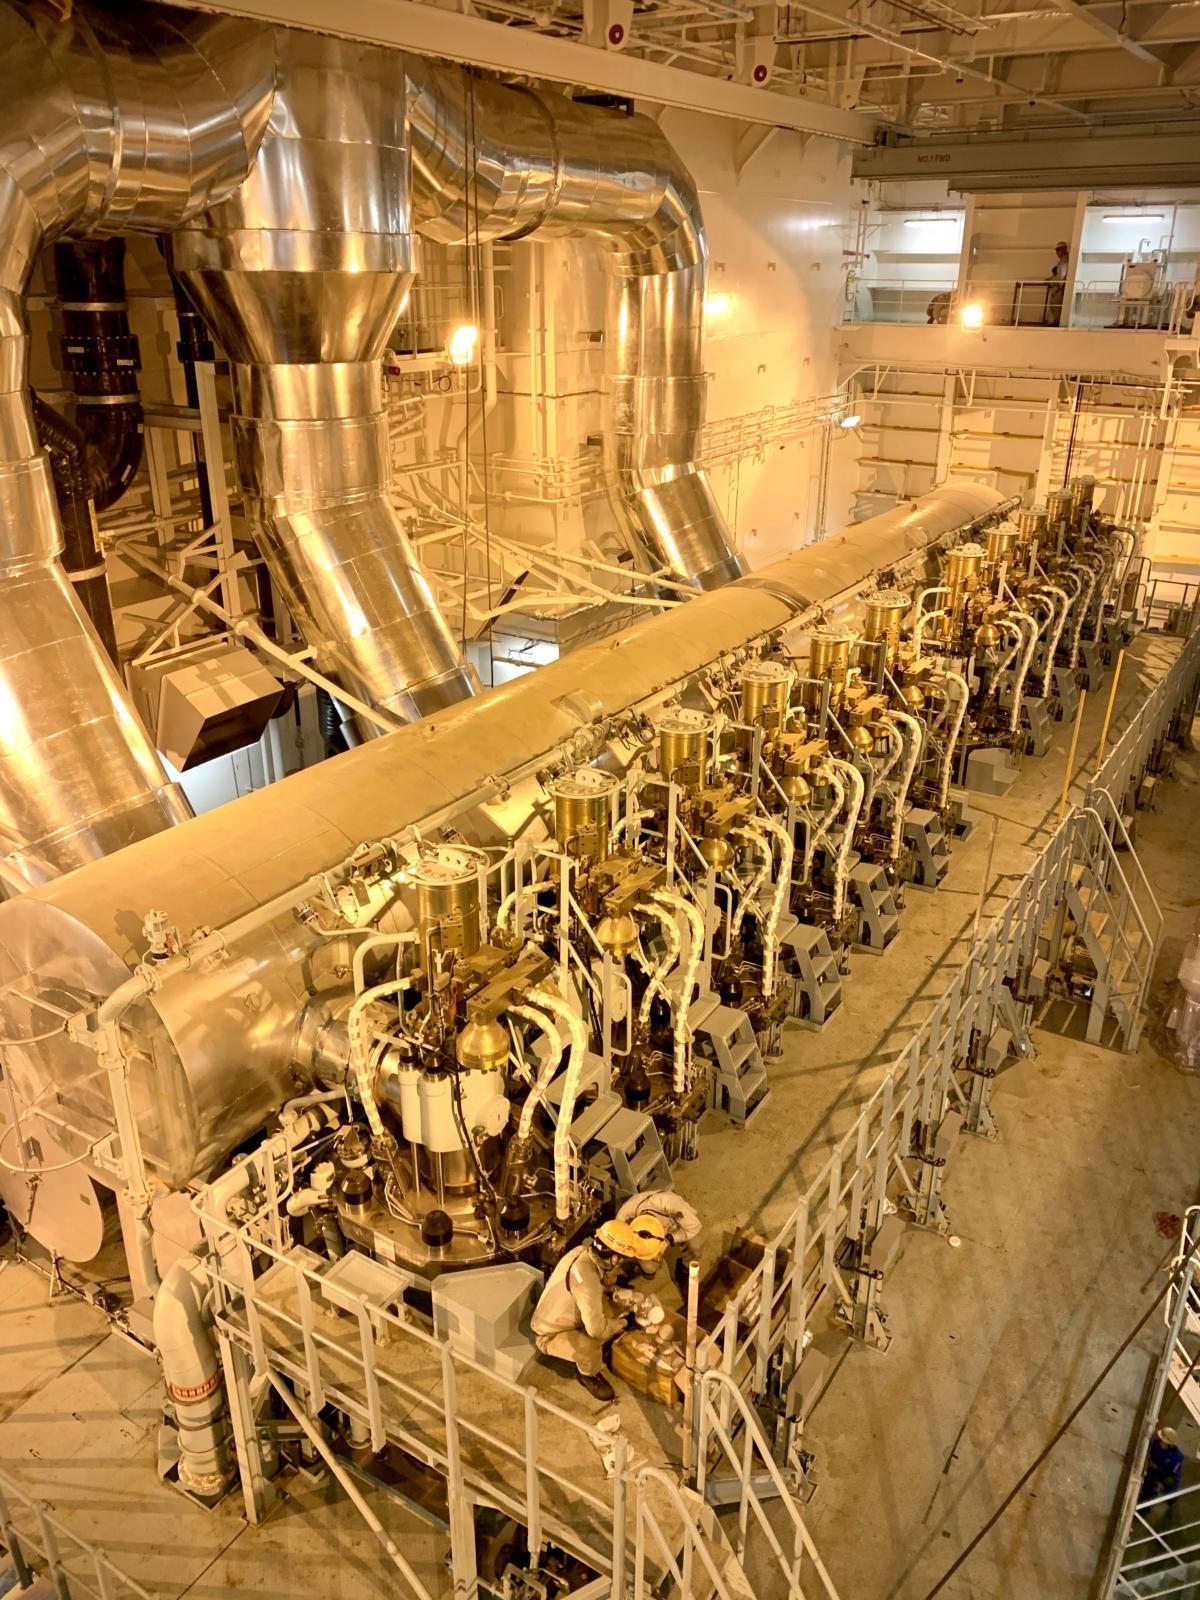 상트페테르부르크 호의 엔진룸 전경 (사진제공: HMM)